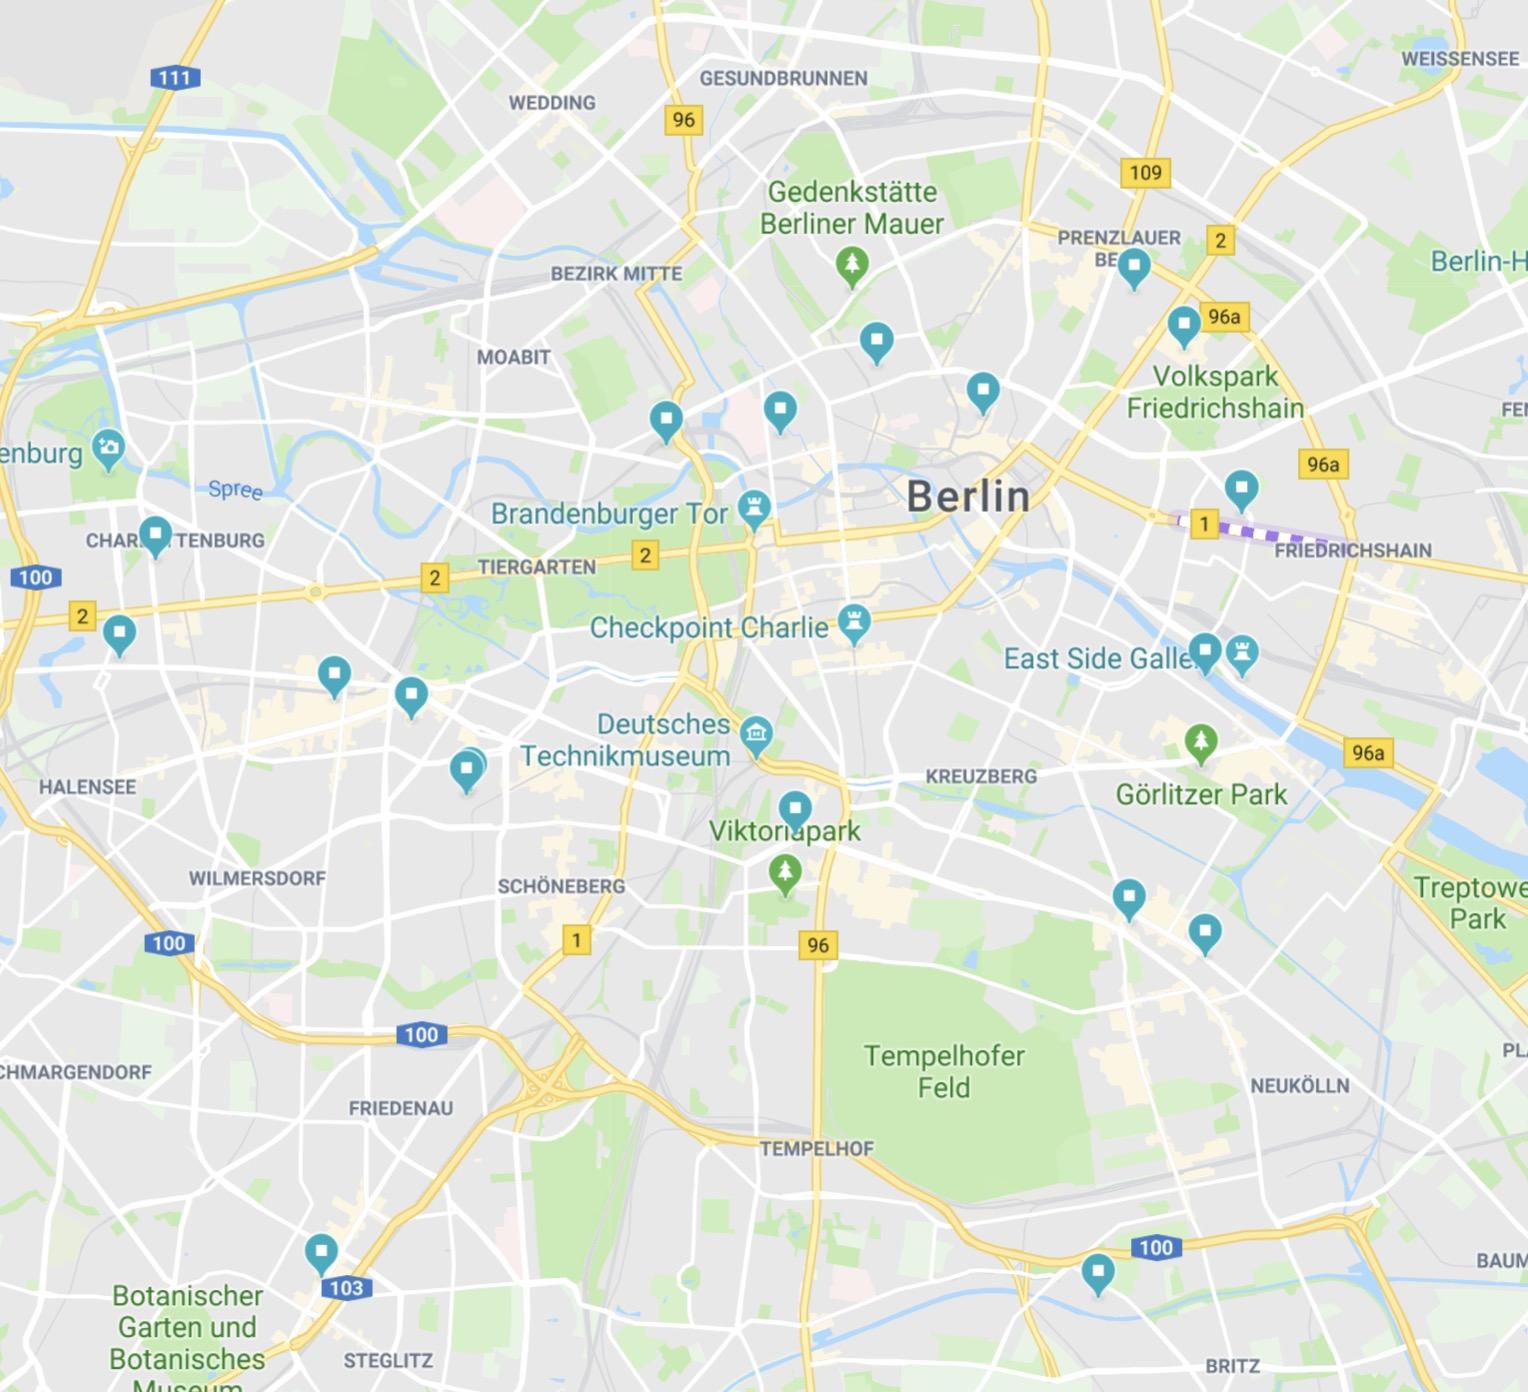 Fotogeschäfte in Berlin.jpg